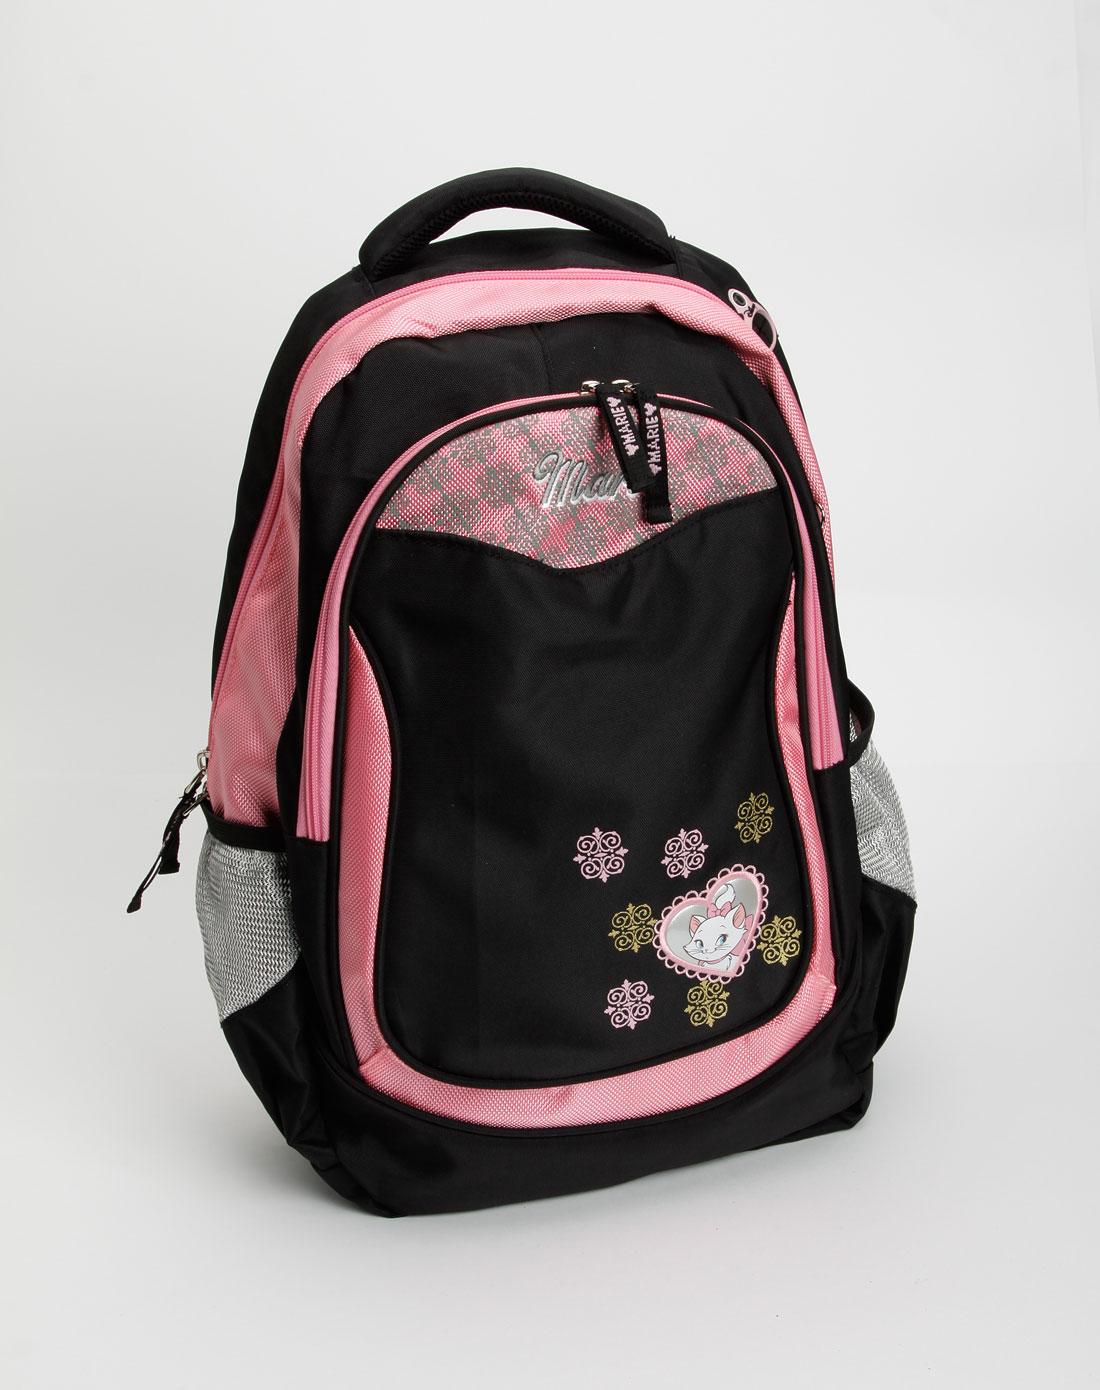 卡通书包专场-玛莉猫儿童黑/粉红色背包